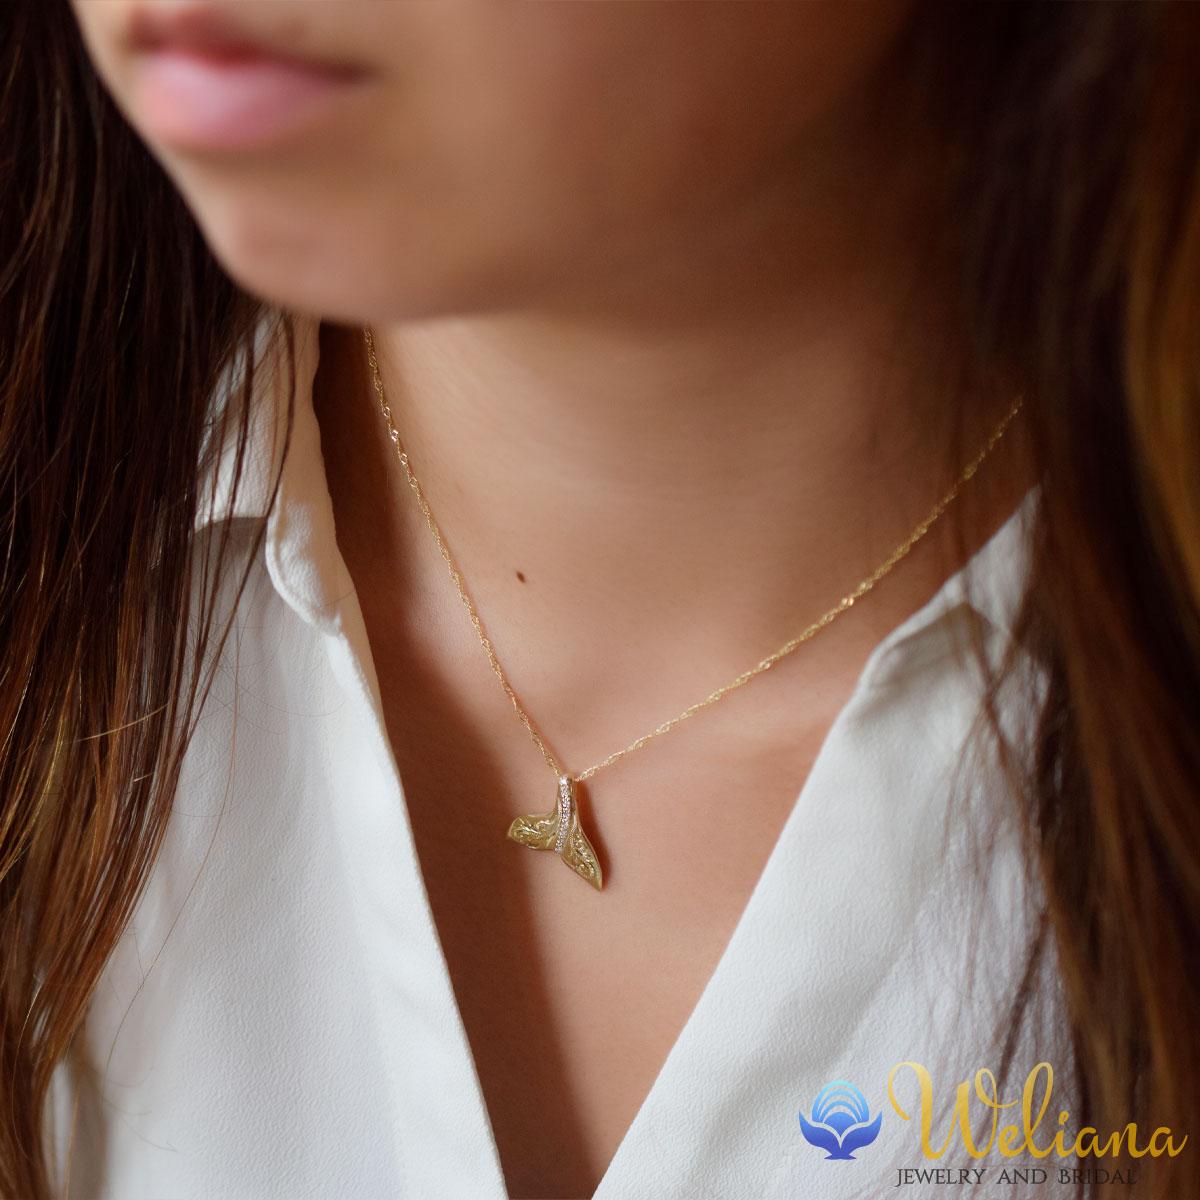 K10 ゴールド 10金 ダイヤモンド ネックレス ハワイアンジュエリー ホエールテイル ペンダント wpd1626/新作